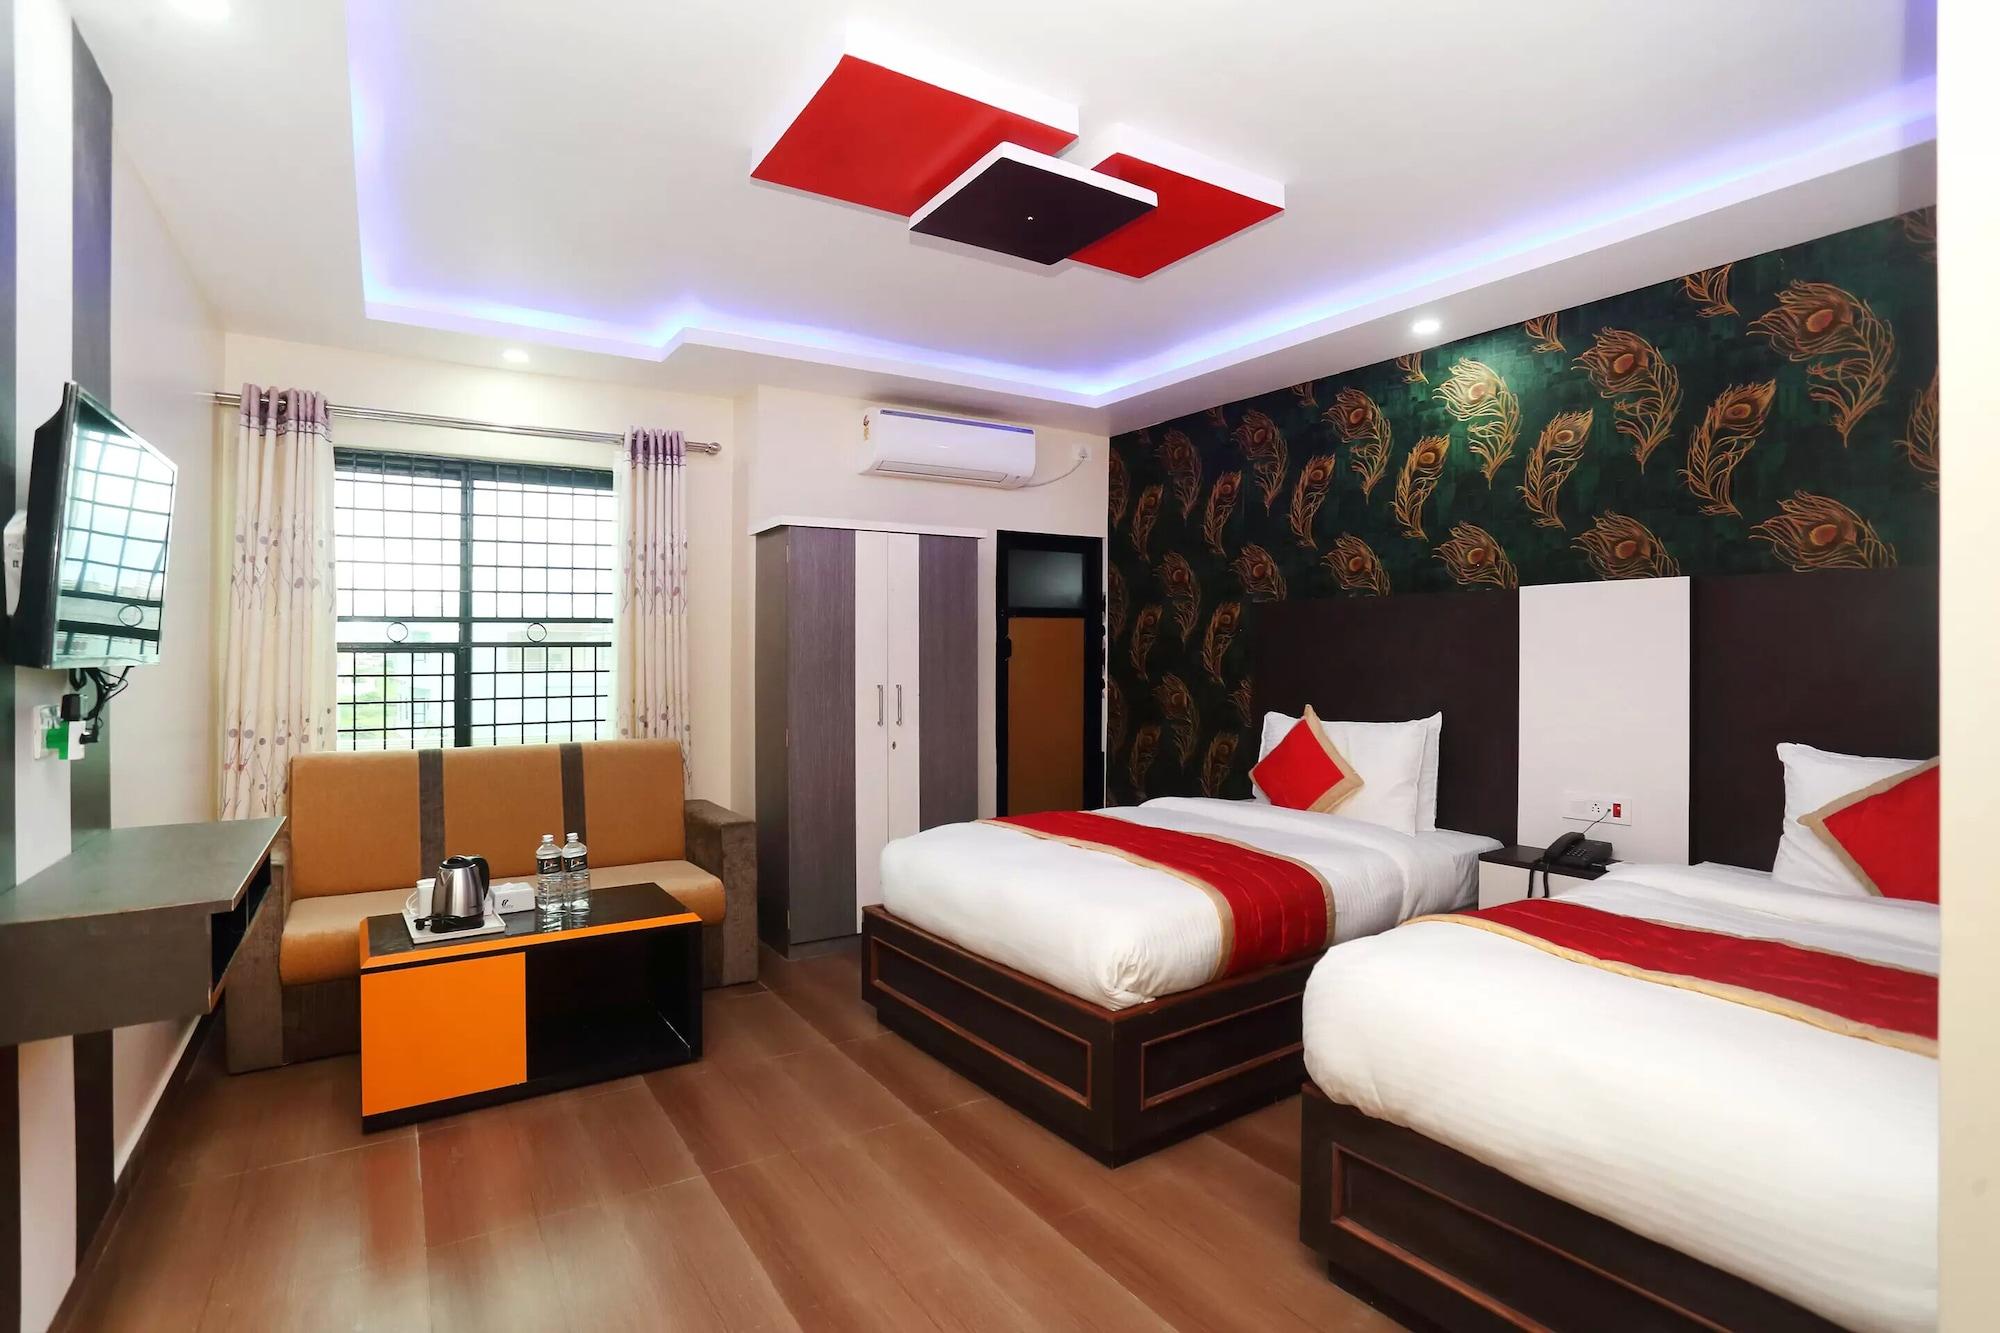 Capital O 634 Lumbini Hotel, Lumbini